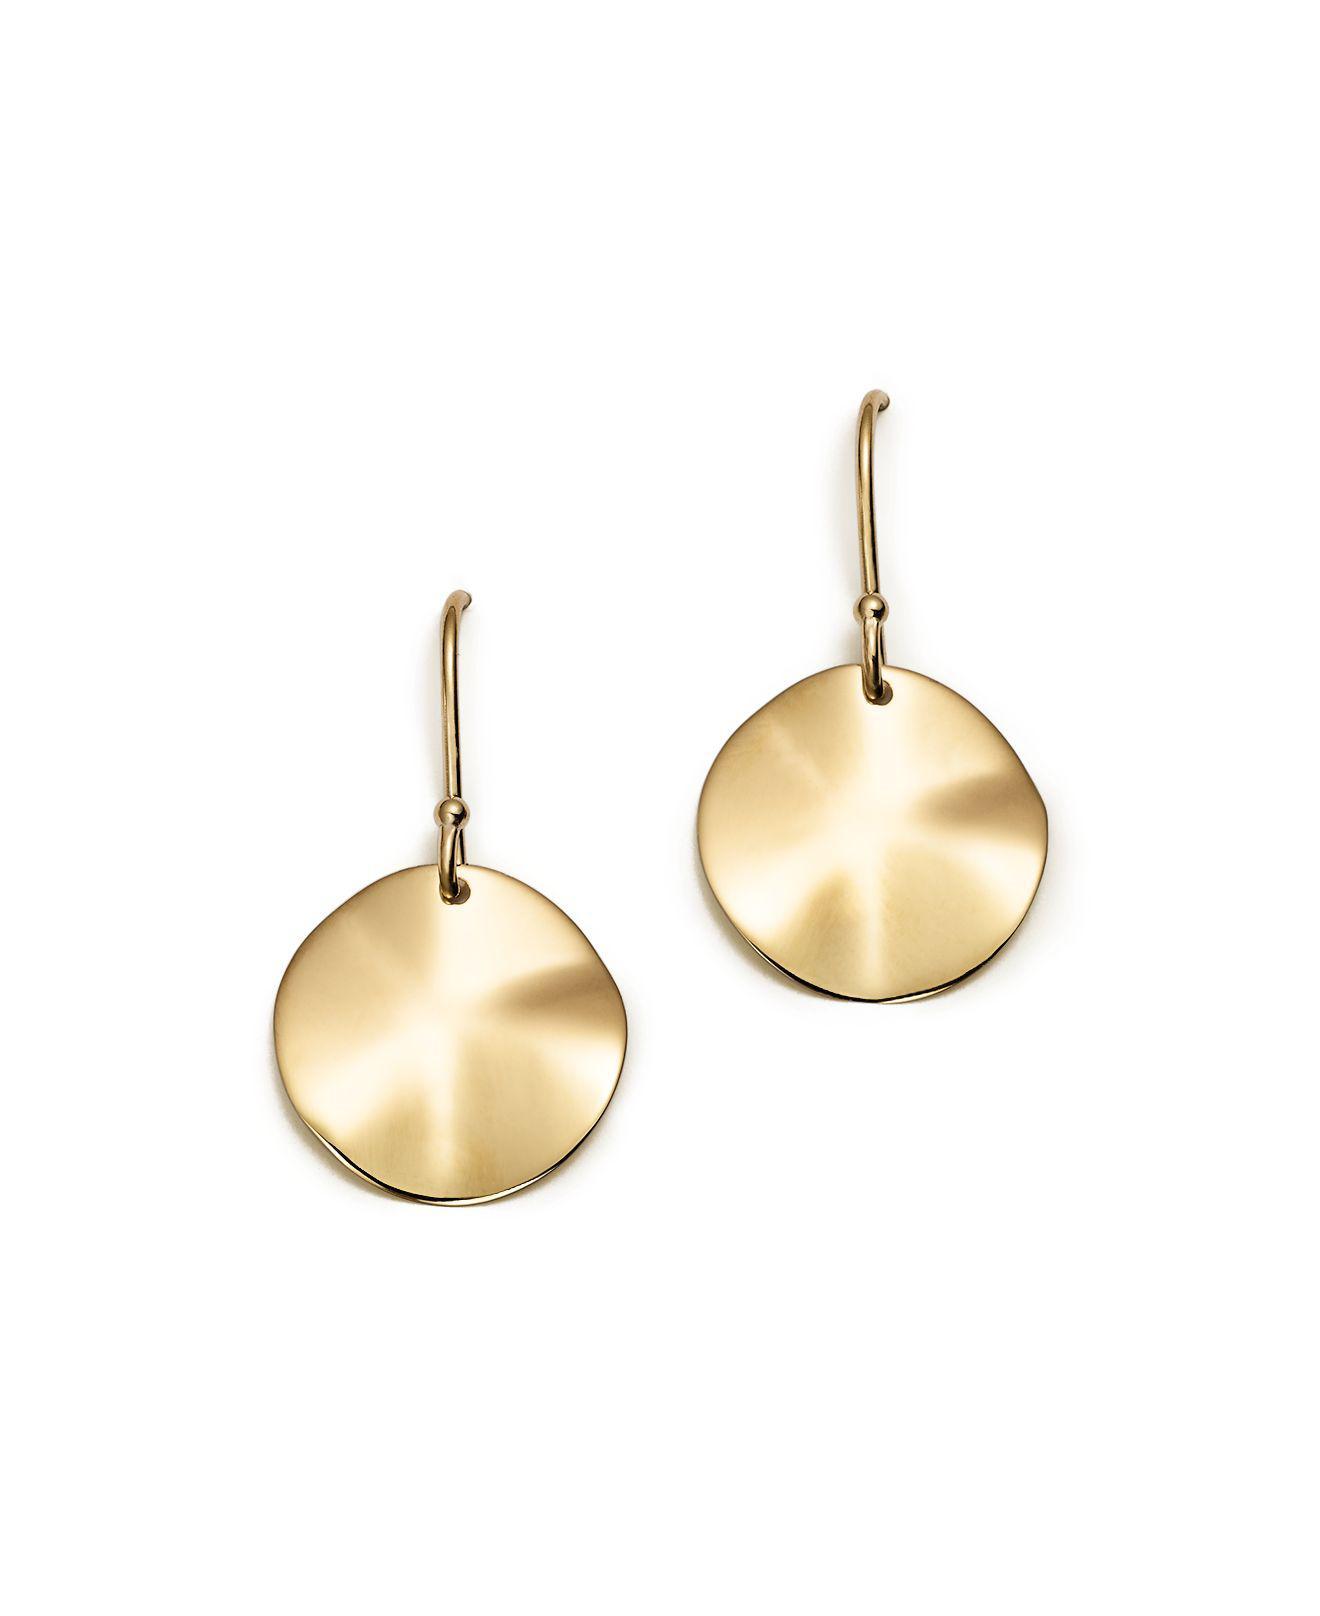 Ippolita 18K Gold Wavy Oval Earrings WmNJfrX